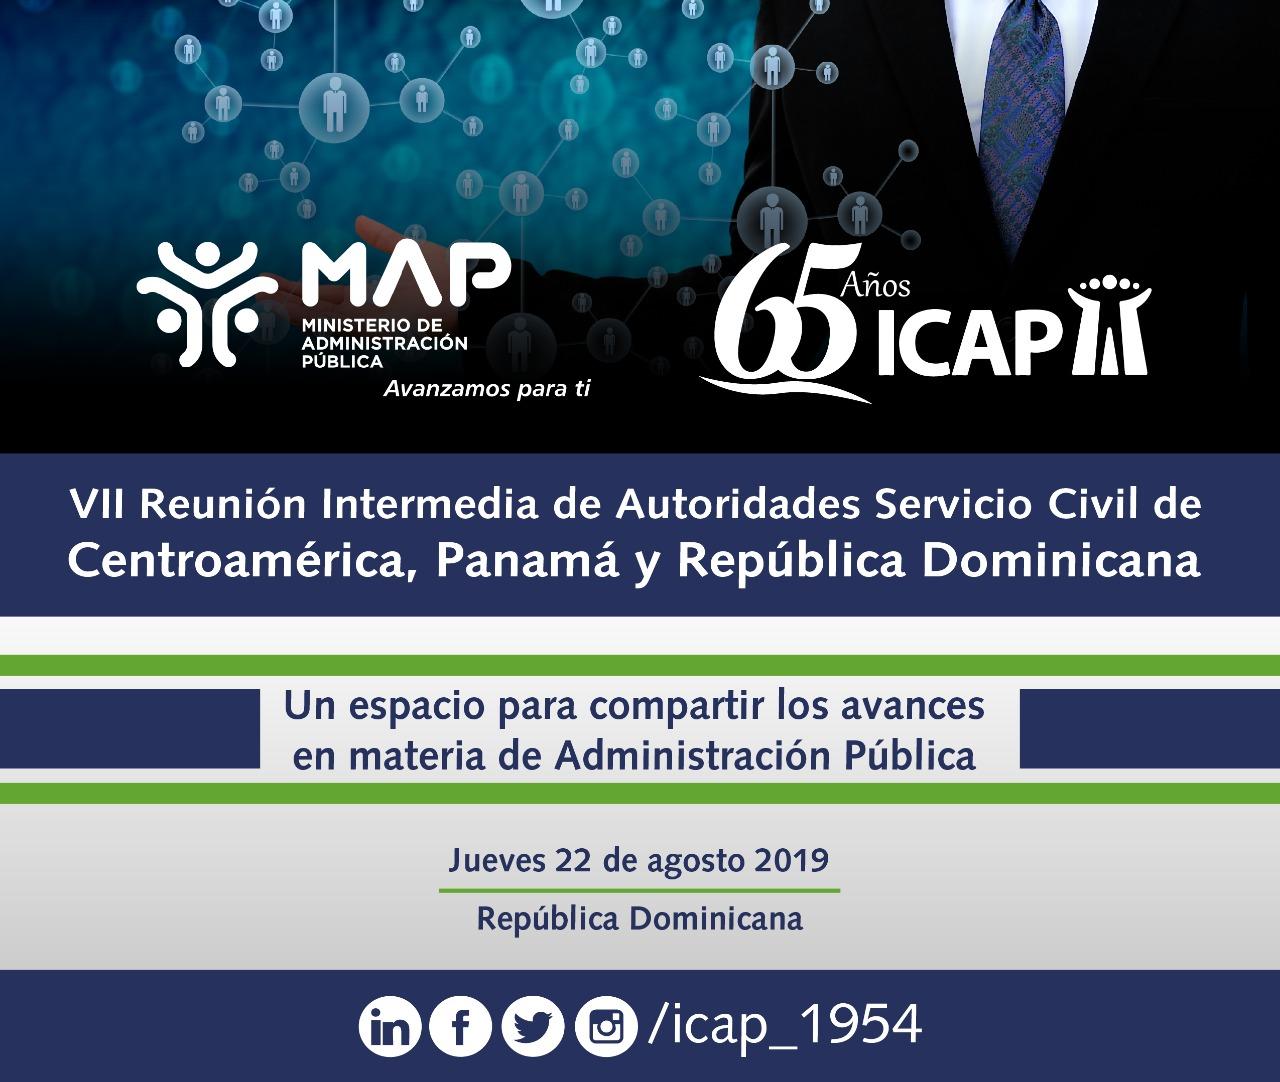 ICAP organizó VII Reunión Intermedia de Autoridades del Servicio Civil en preparación del Foro de la Función Pública de Centroamérica y el Caribe